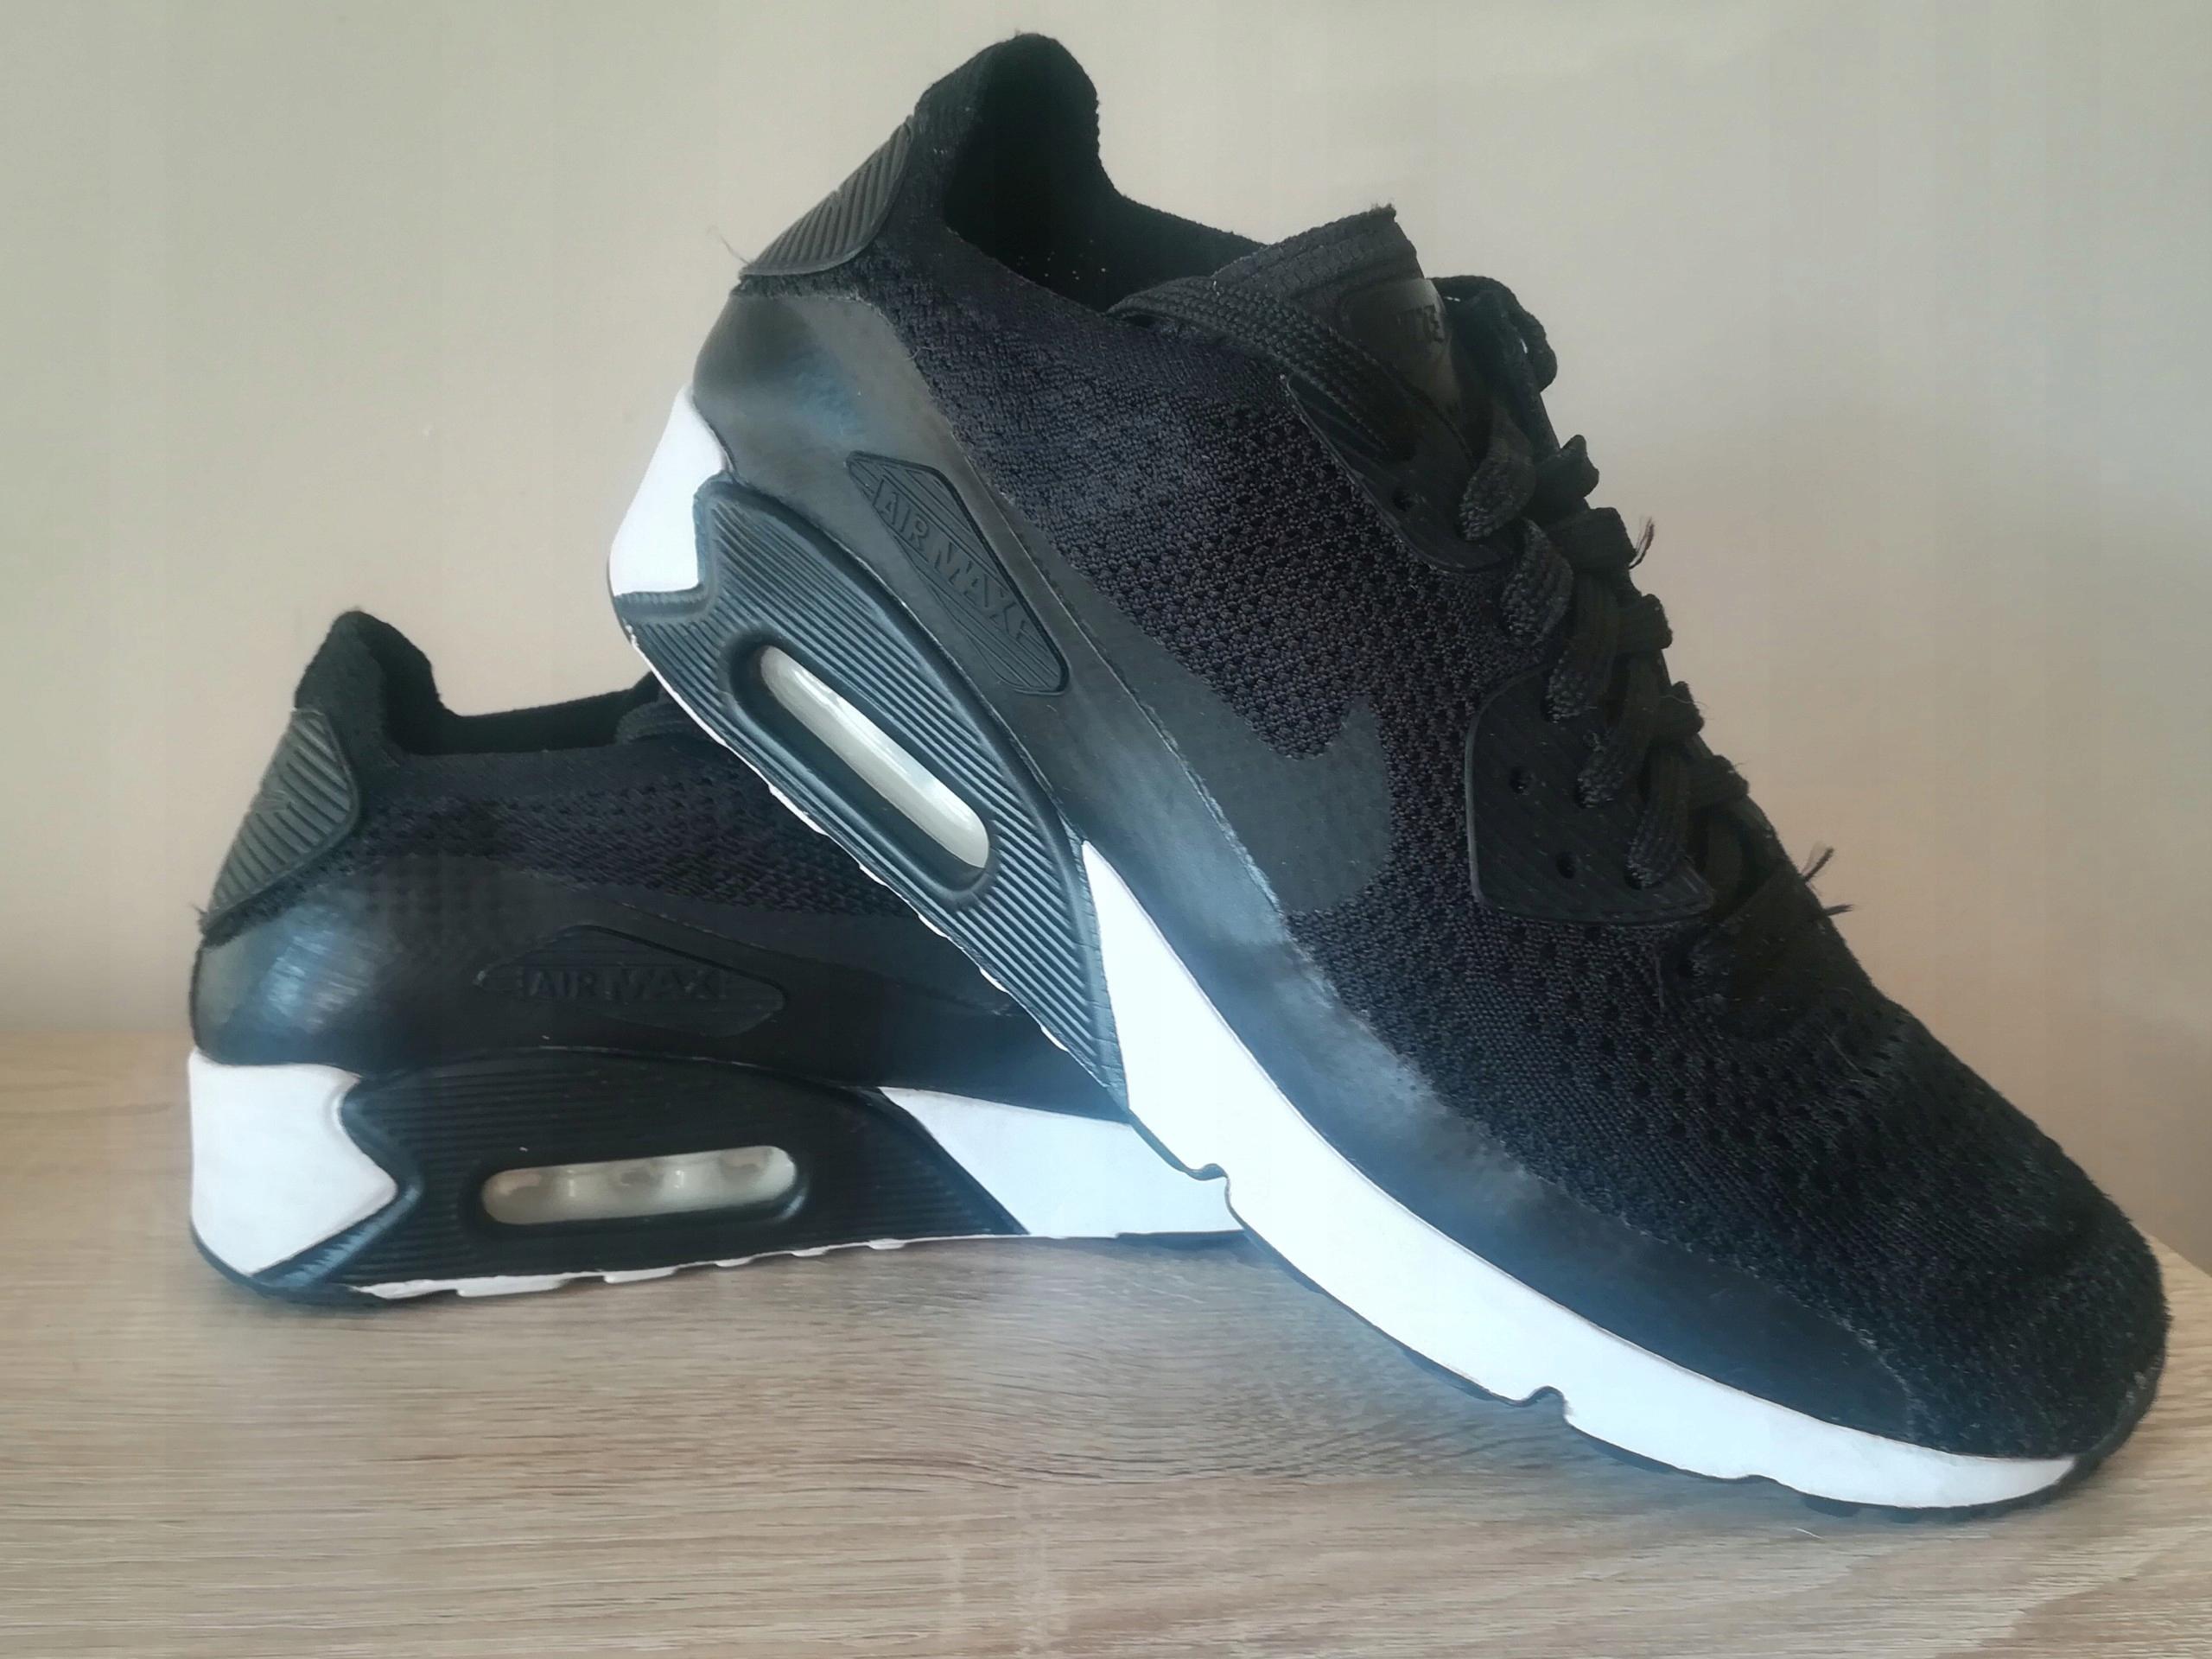 NIKE Air Max buty damskie rozmiar 41 cm wkładka 26 cm